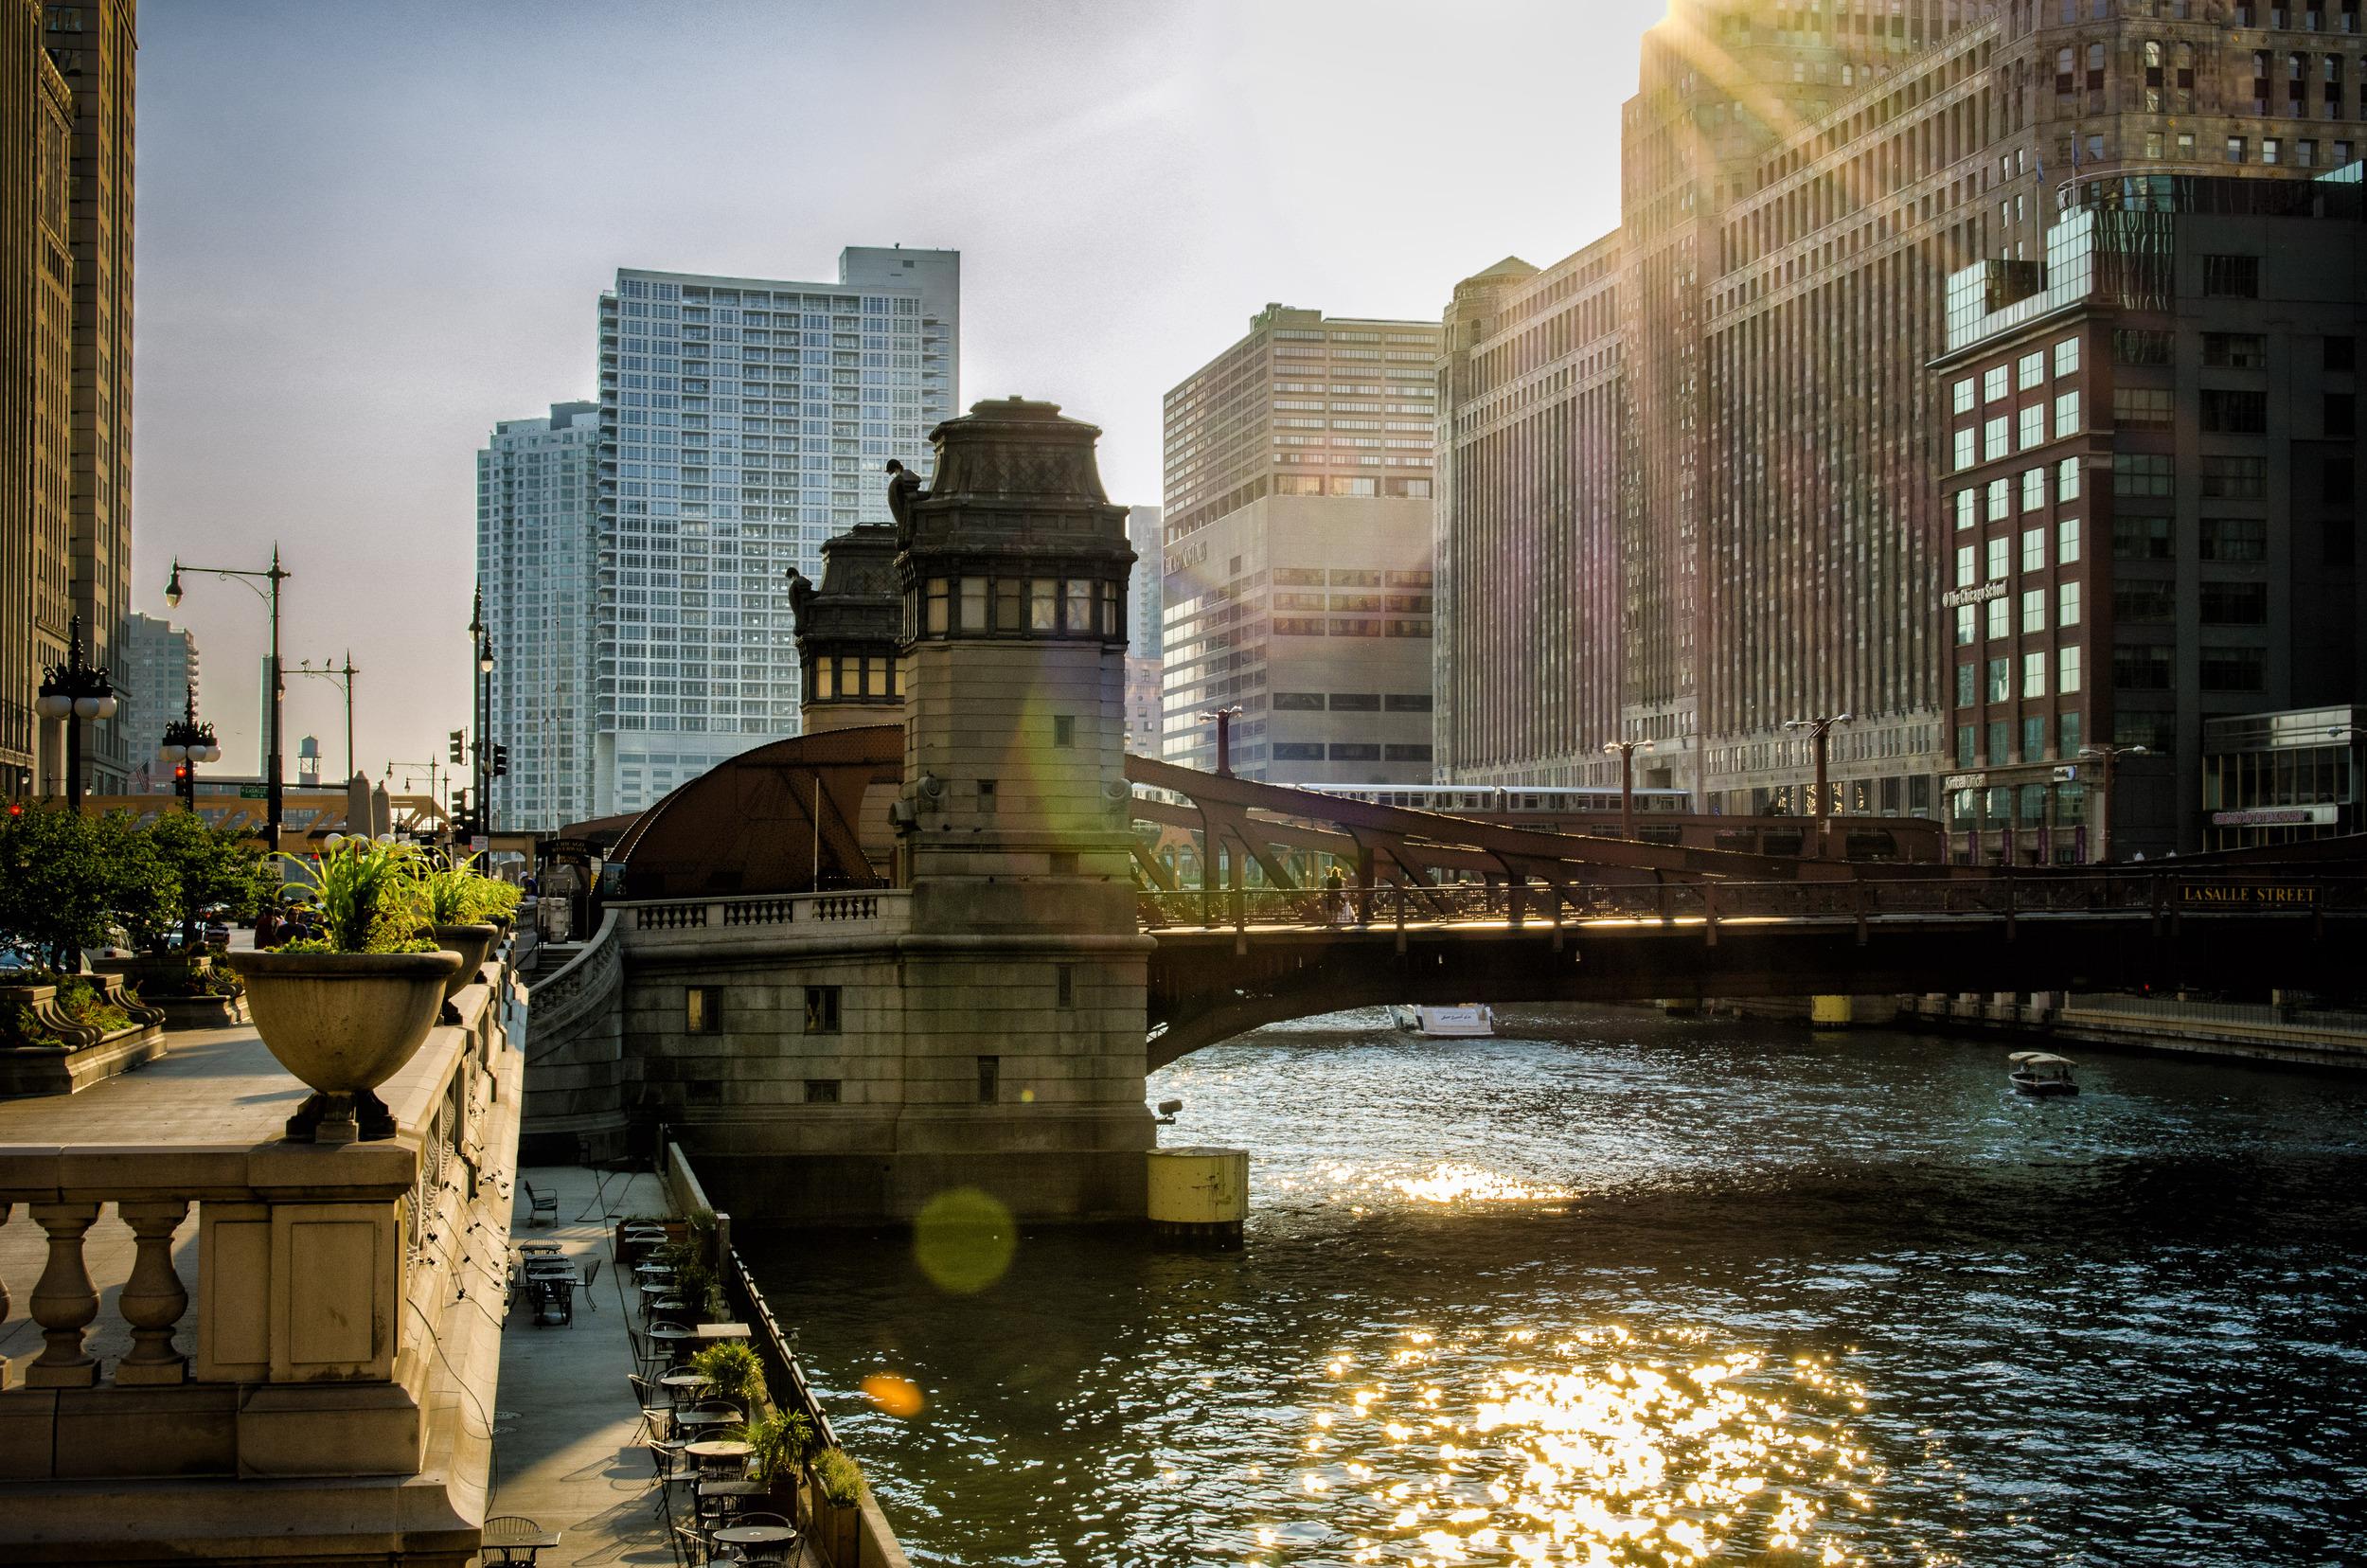 20120701-1207_Chicago_1449.jpg